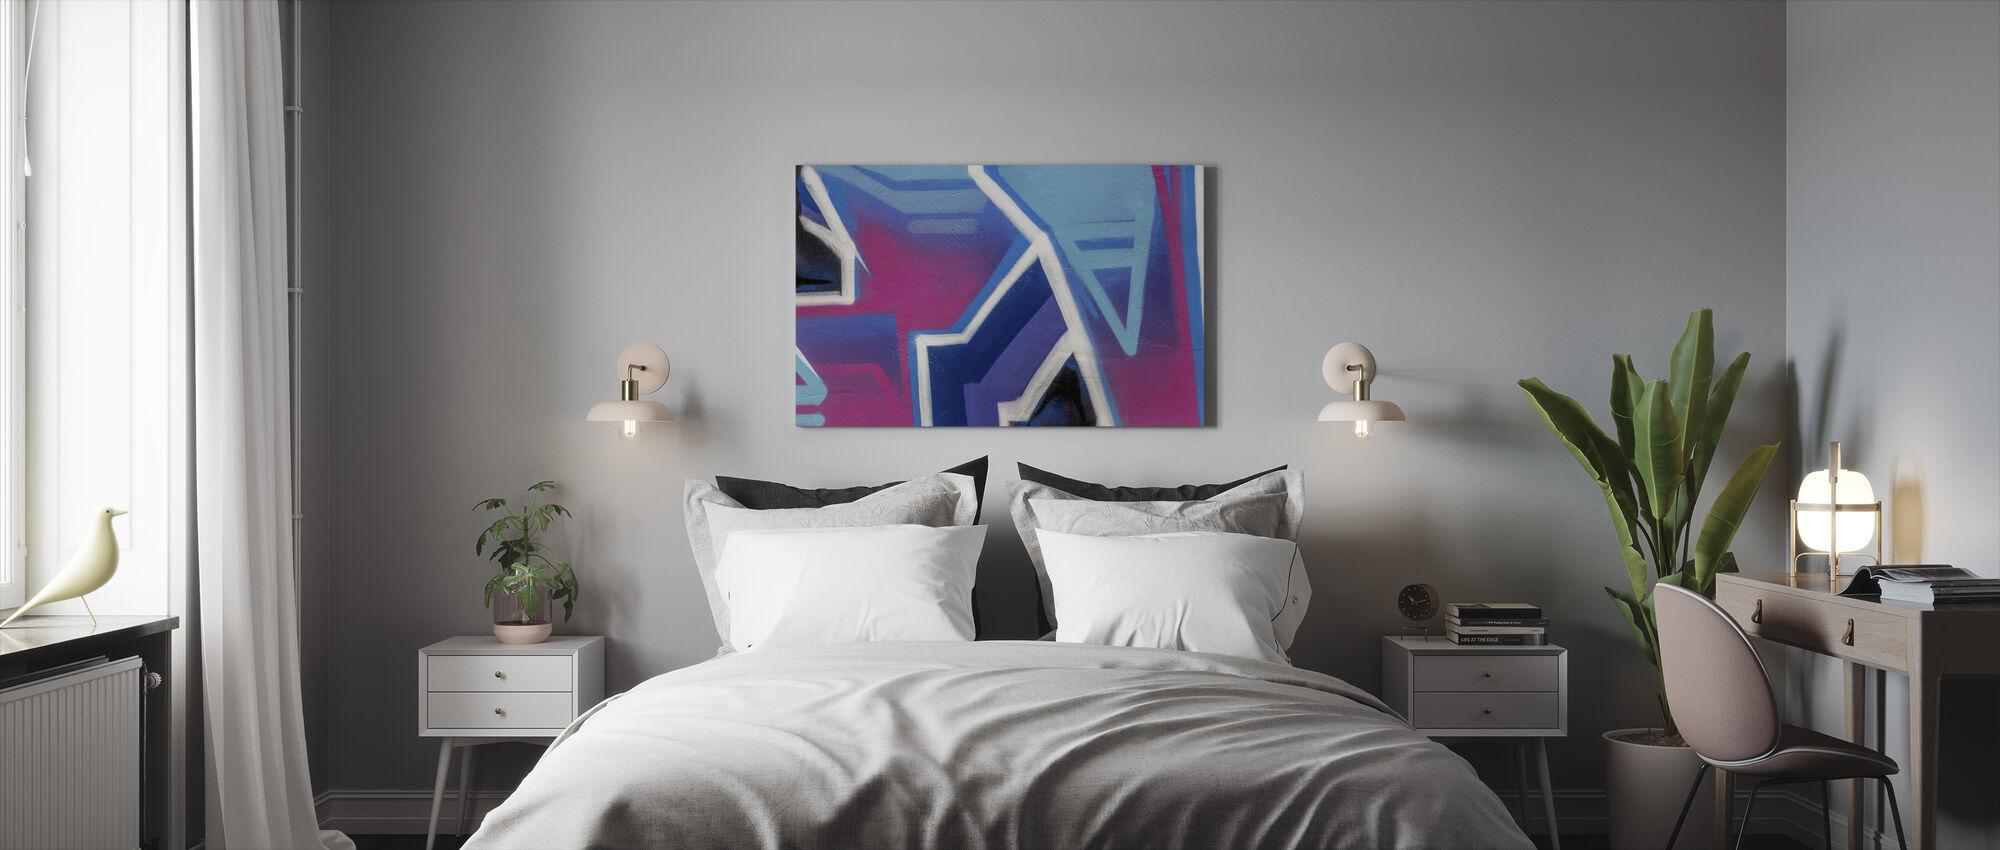 Kirkas Cerise graffiti - Canvastaulu - Makuuhuone